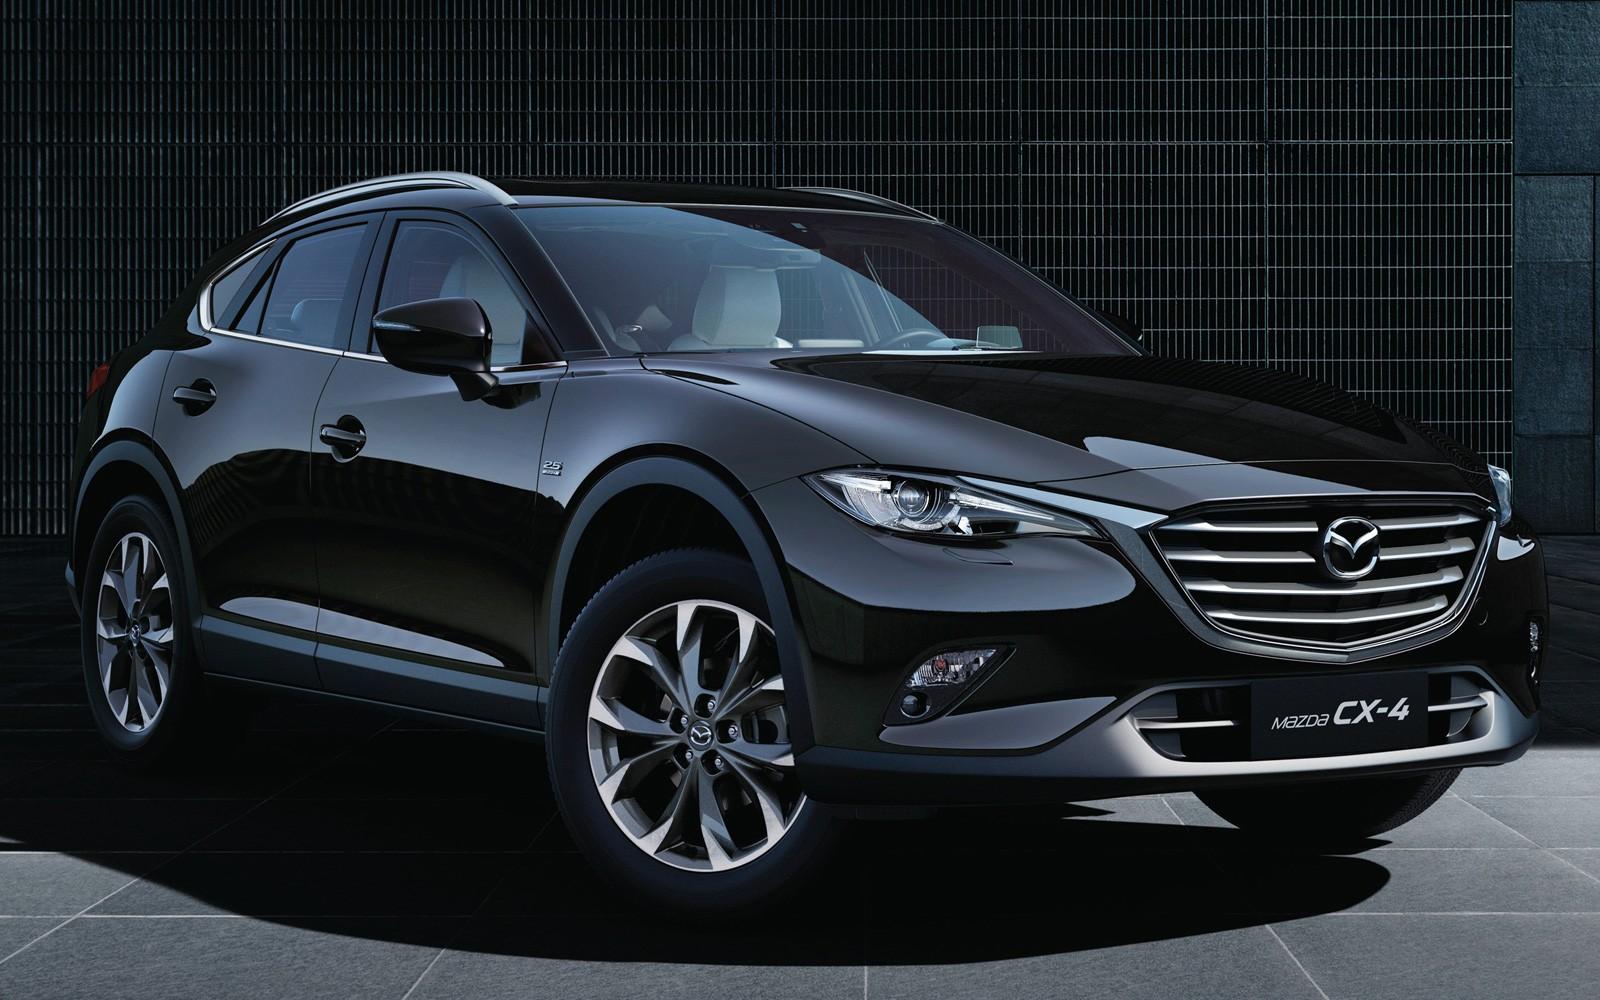 Китайские специалисты протестировали Мазда CX-4 2018 модельного года